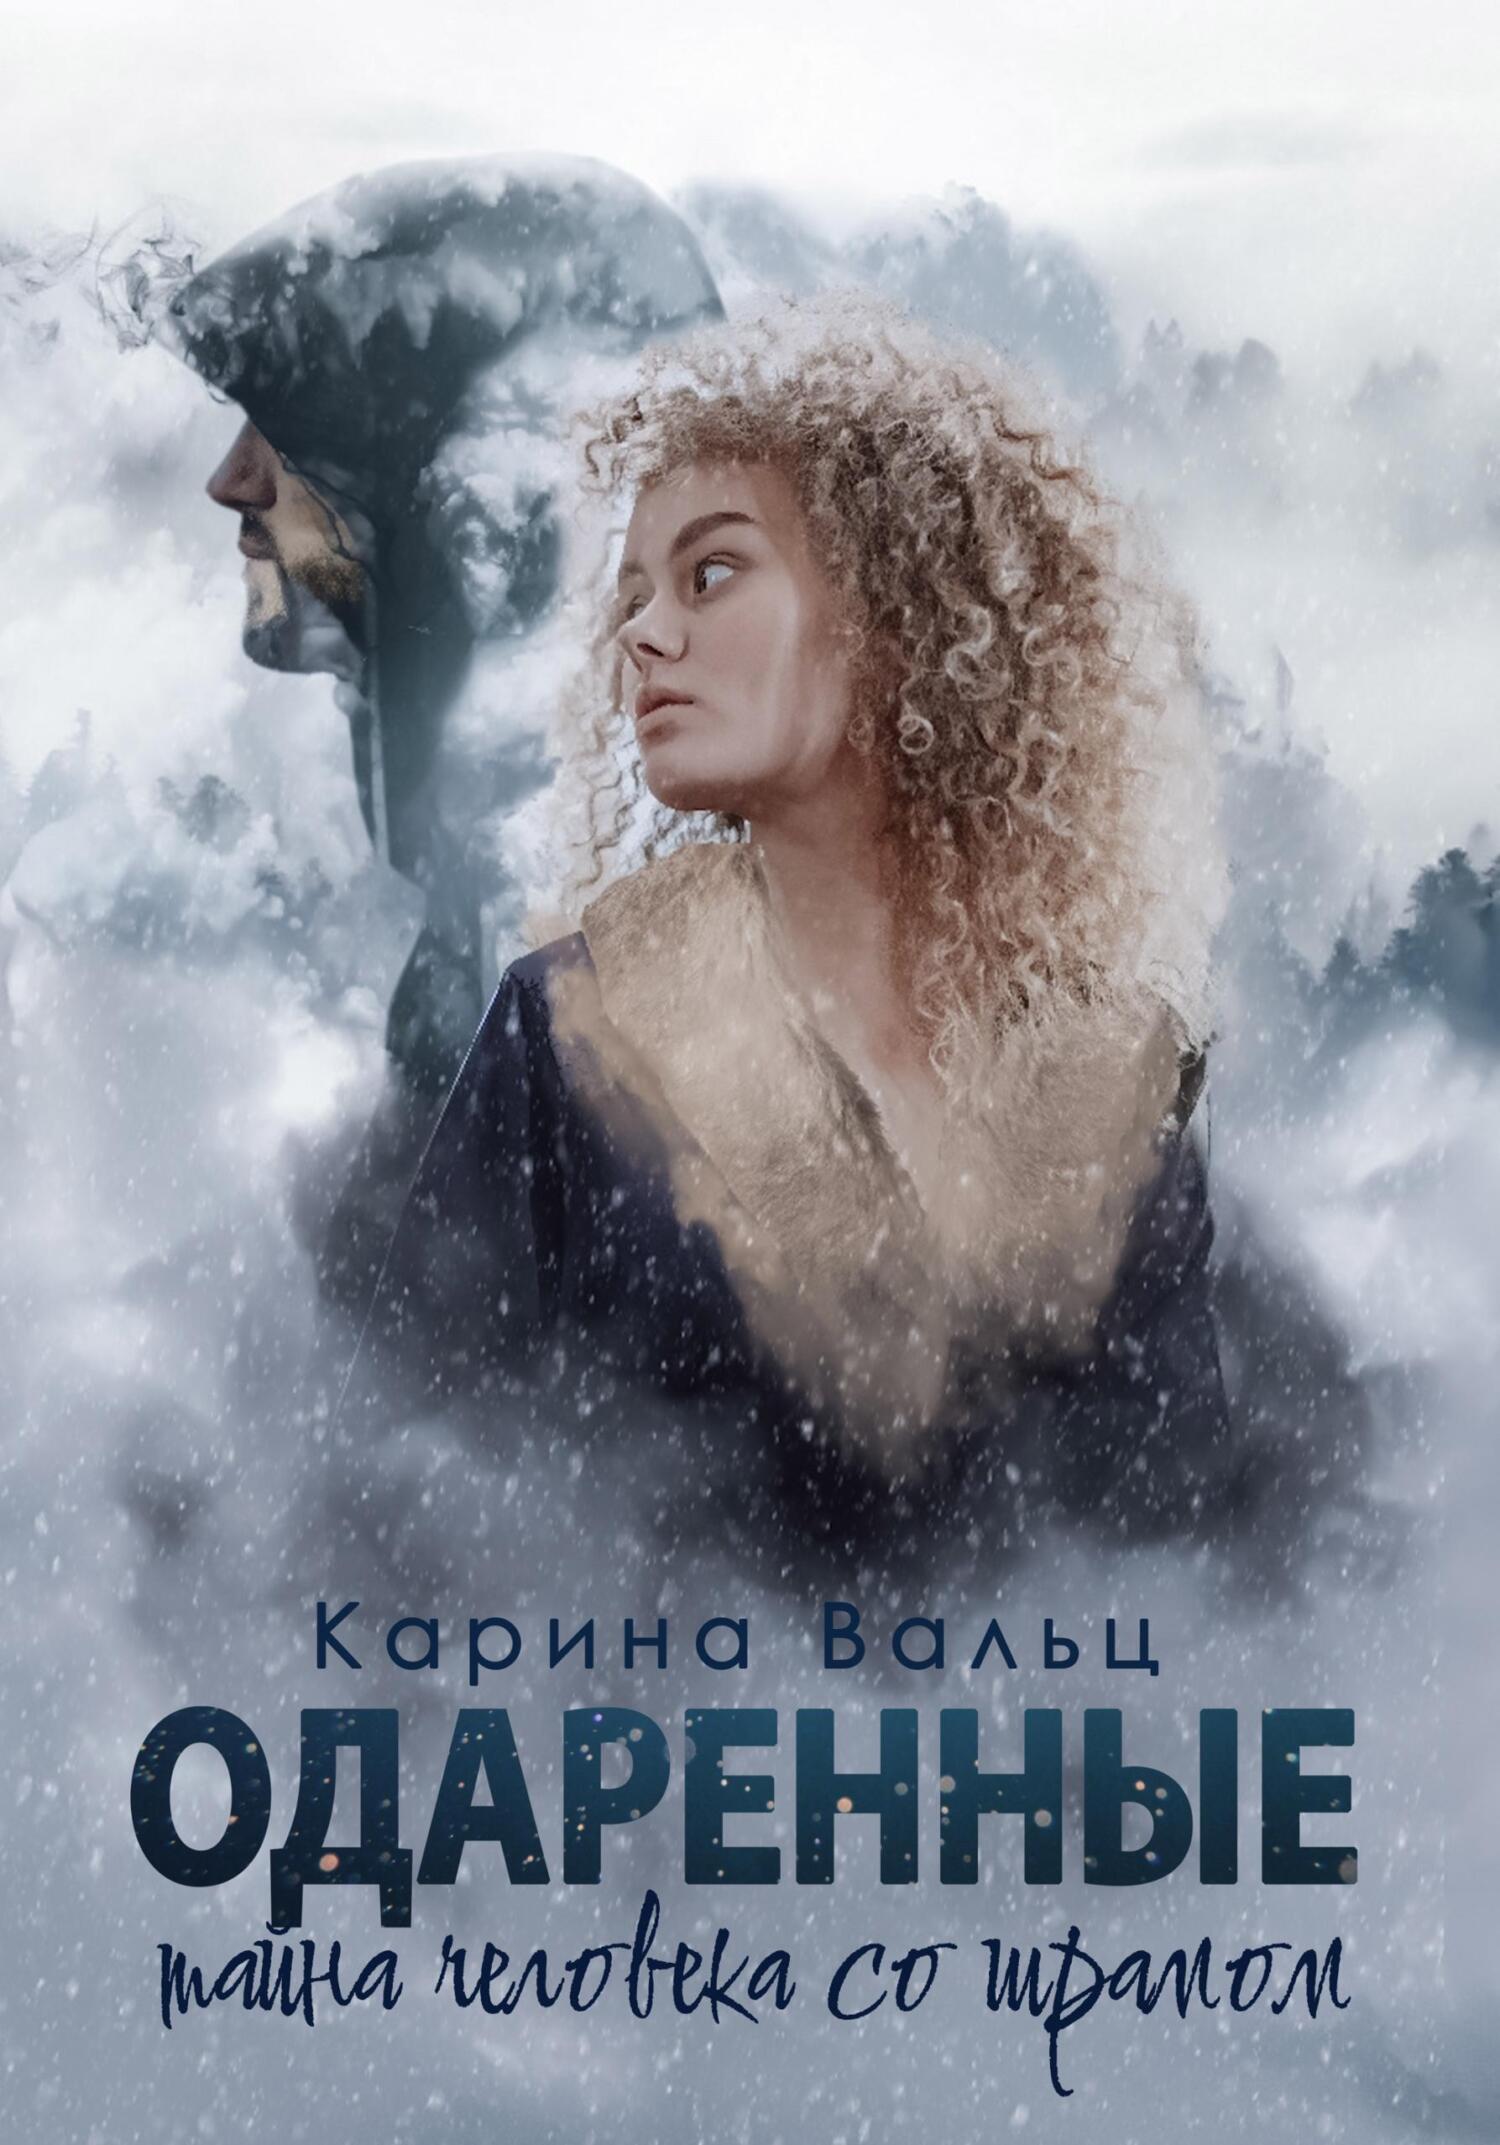 Купить книгу Тайна человека со шрамом, автора Карины Вальц